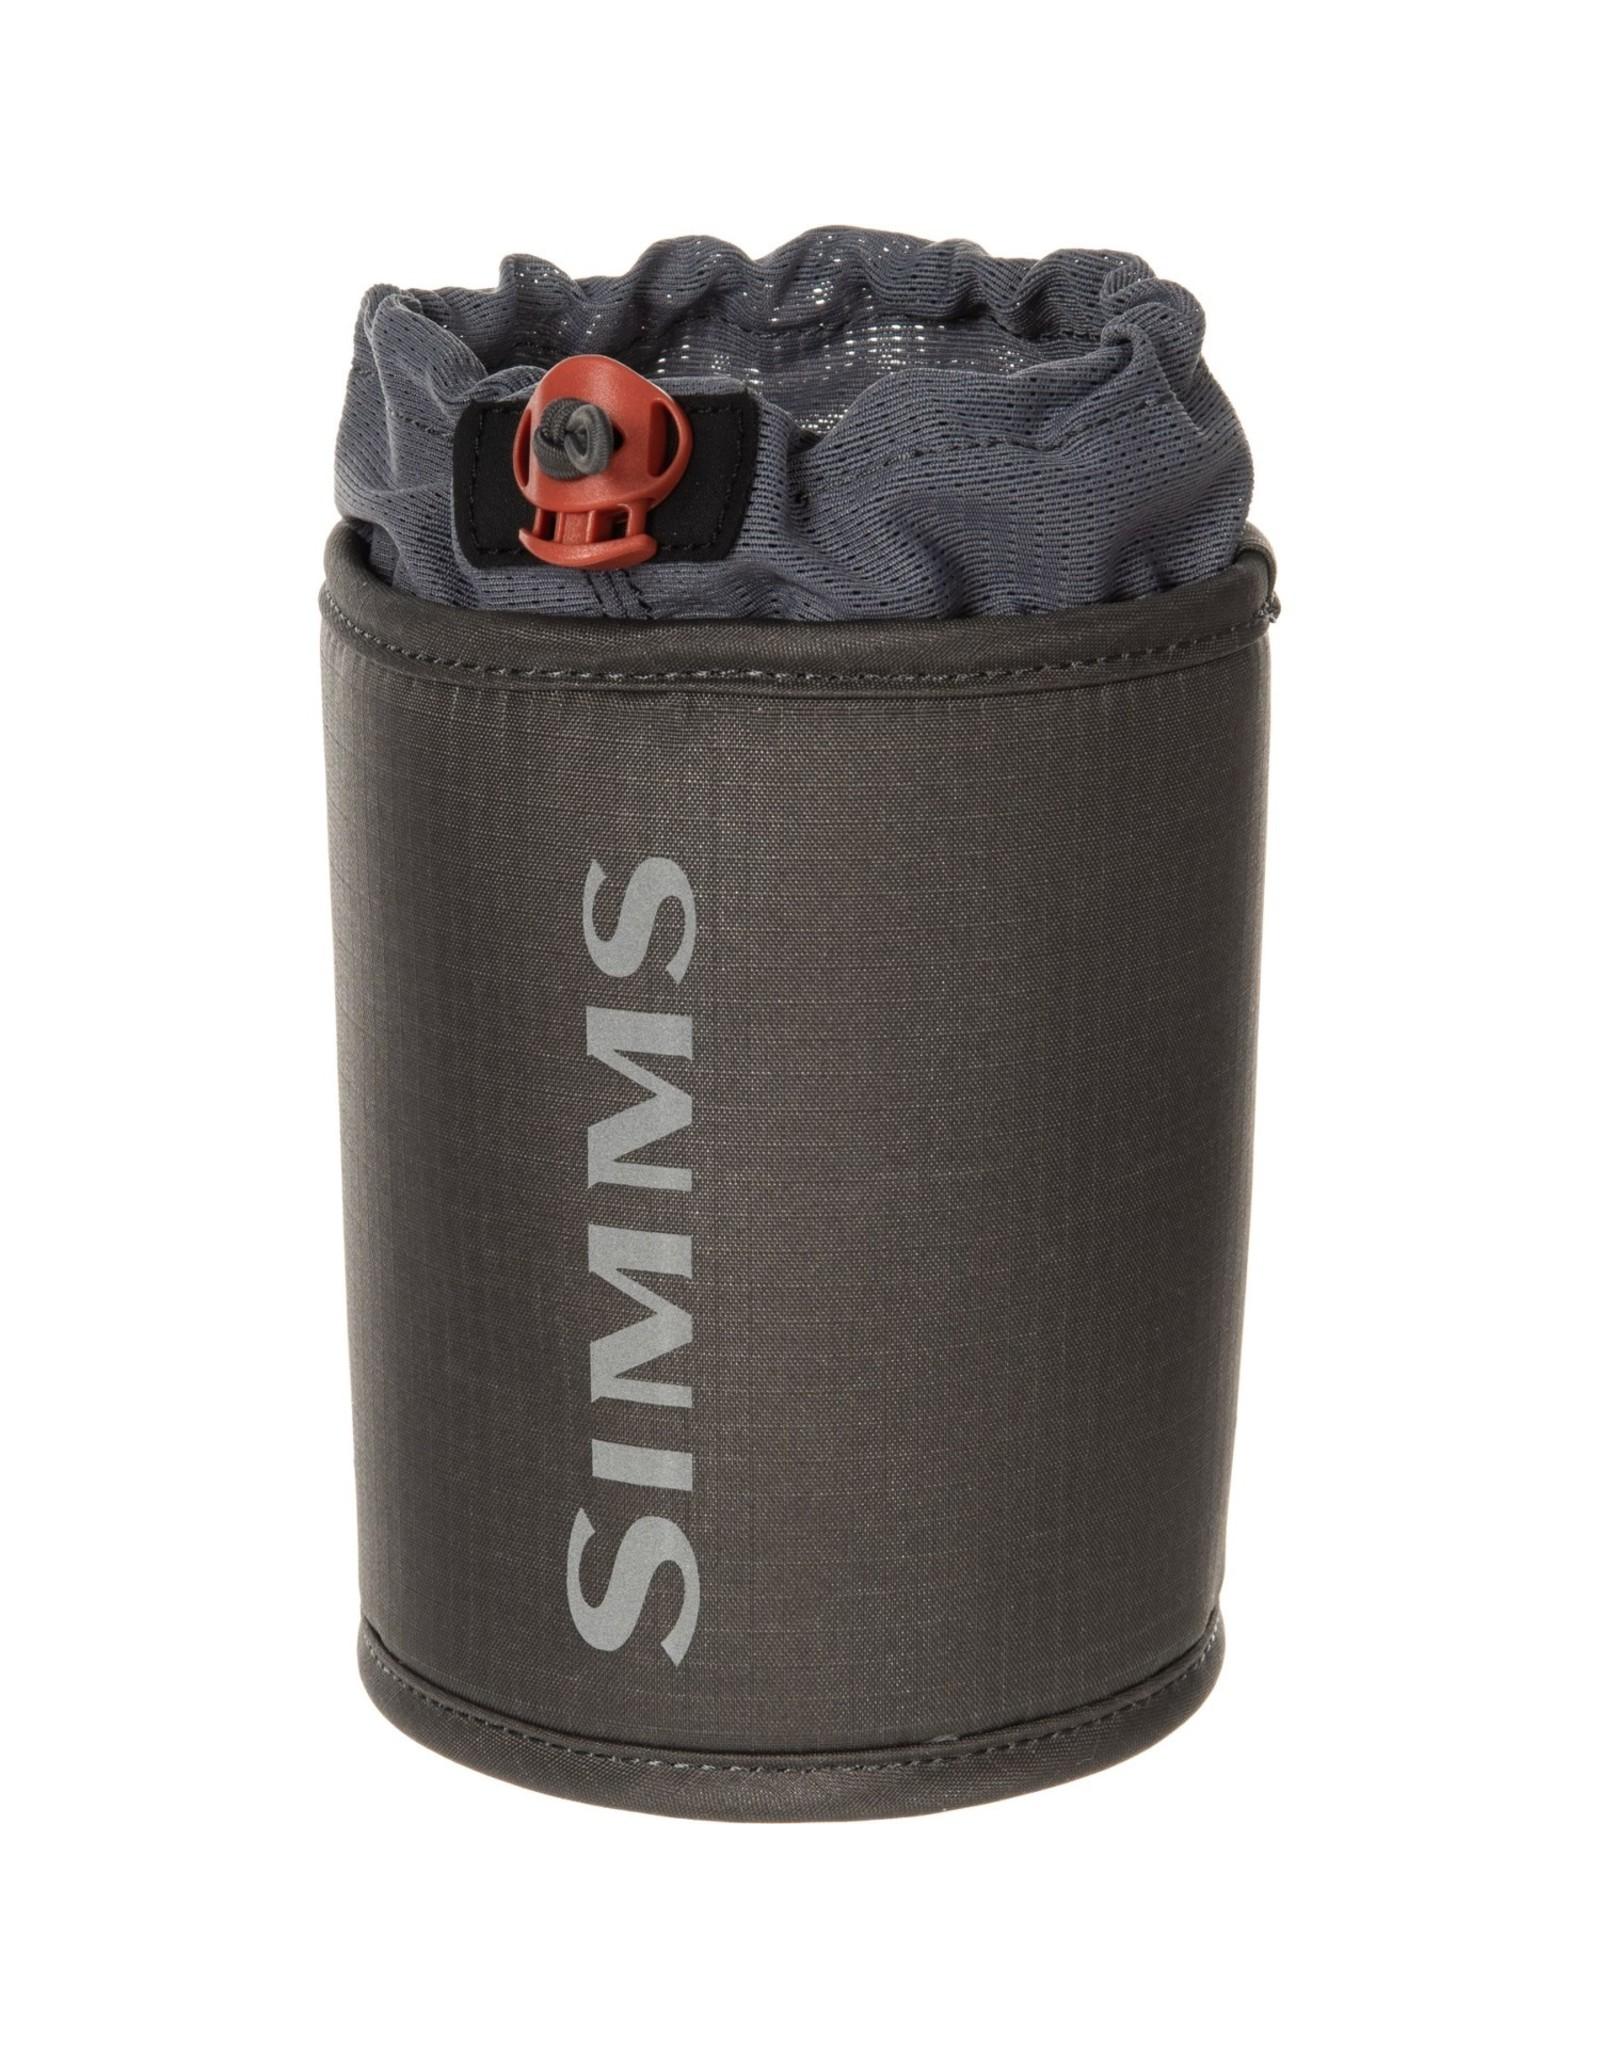 Simms Simms - Bottle Holder - Gunmetal